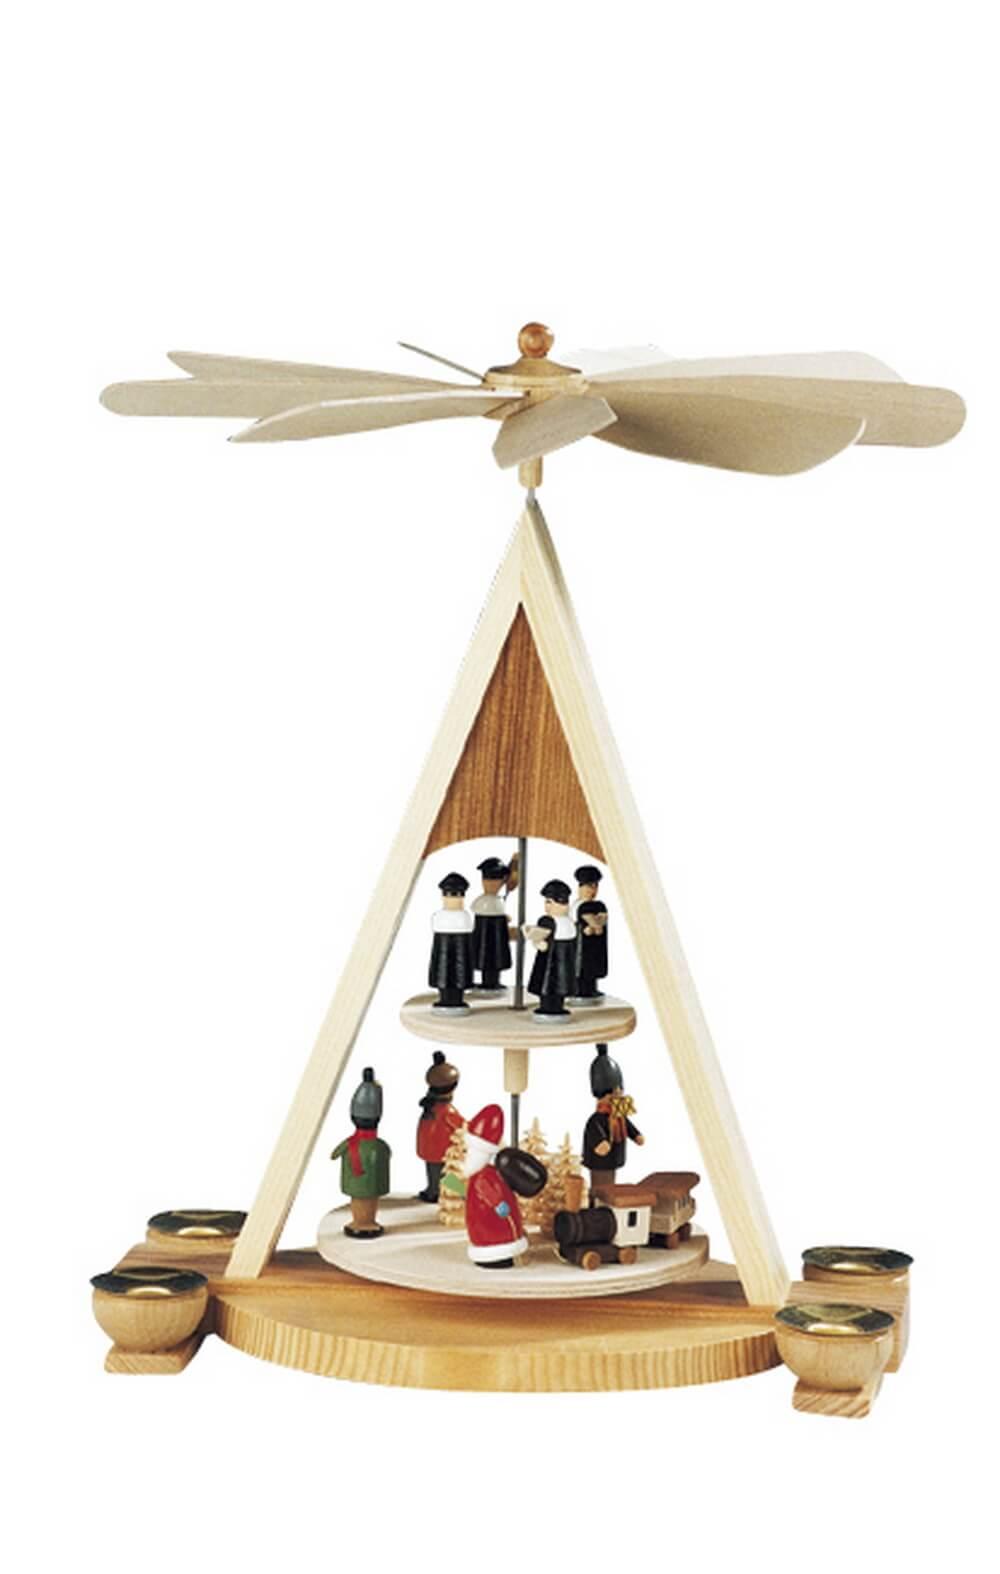 Knuth Neuber, Weihnachtspyramide Bescherung, Laternenkinder